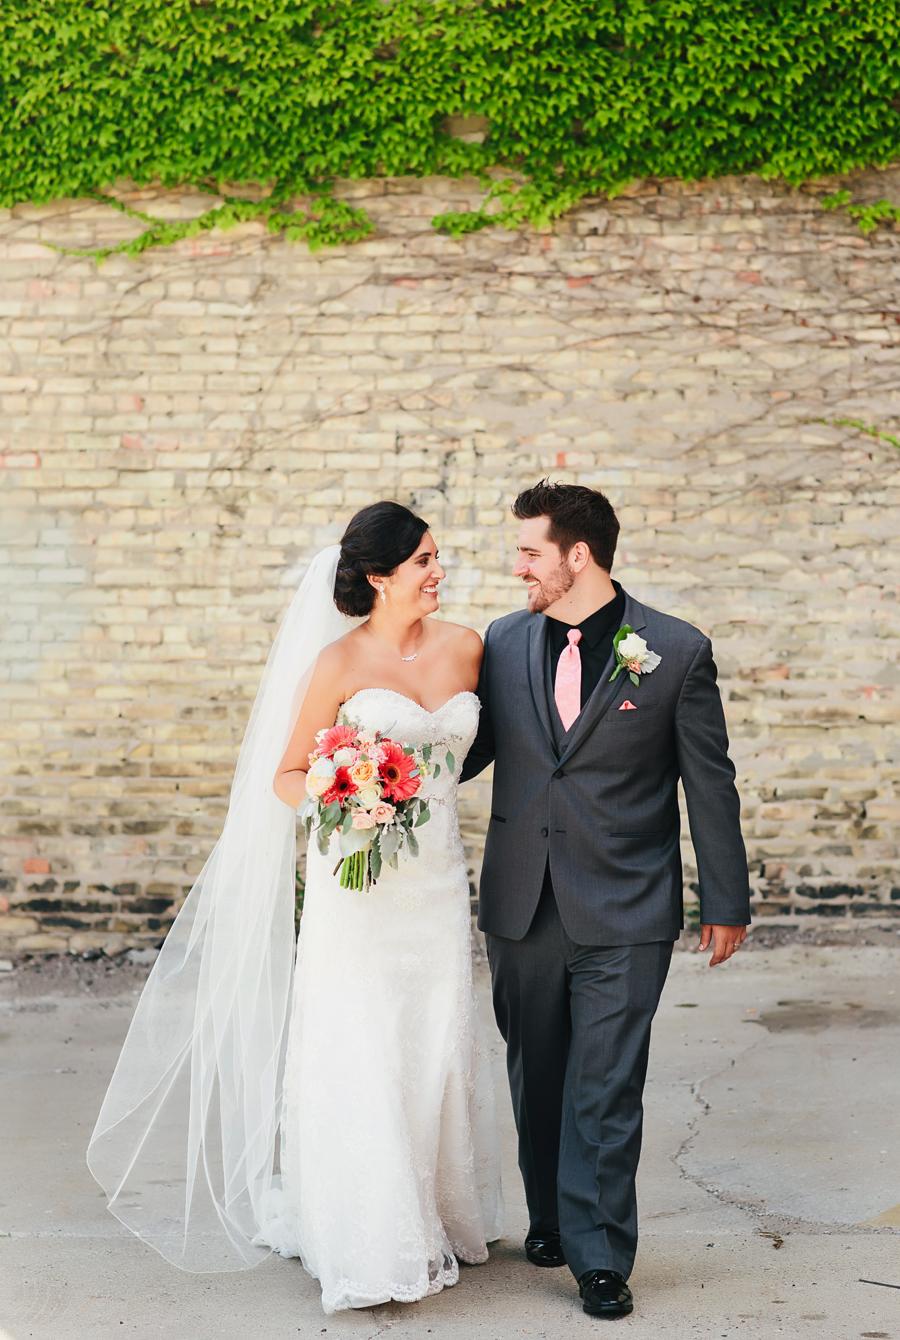 D2D Grand Rapids Wedding073.jpg